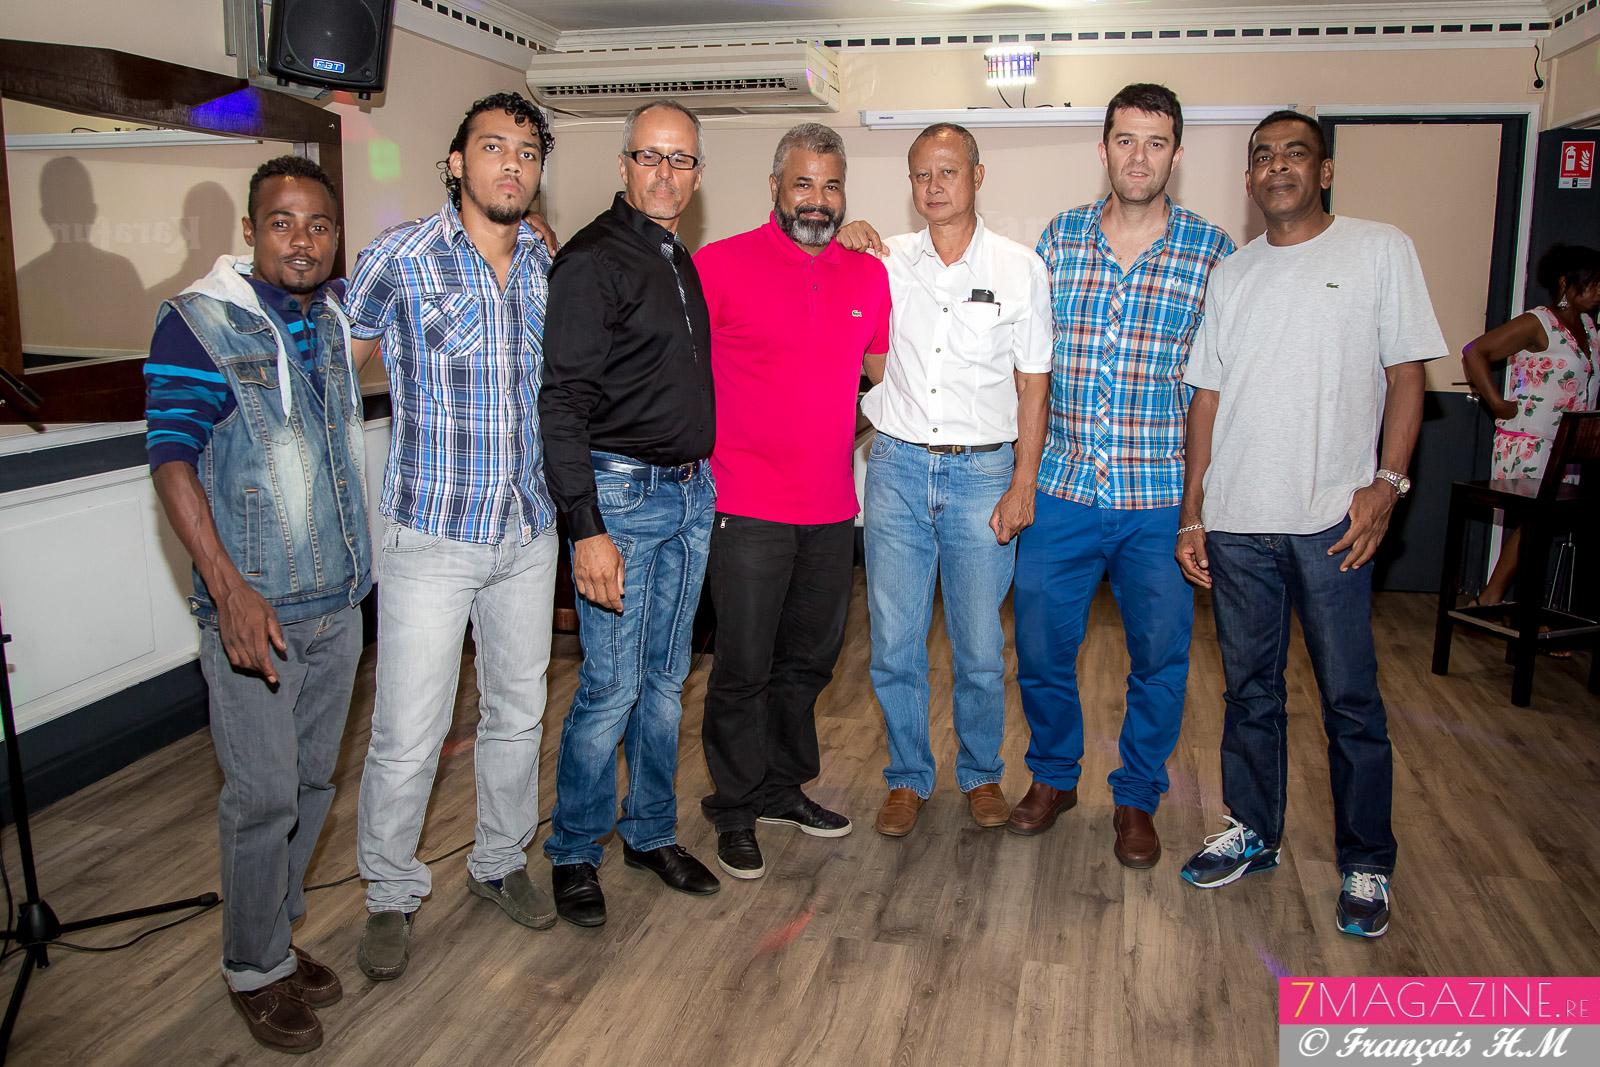 Pascal Honorine, joueur, Didier Himbert, secrétaire, Patrick Grondin, Freddy Latchoumaya, Jacky Chan Alune, Lionel Roux Lionel, et Gérard Latchimy, dirigeant